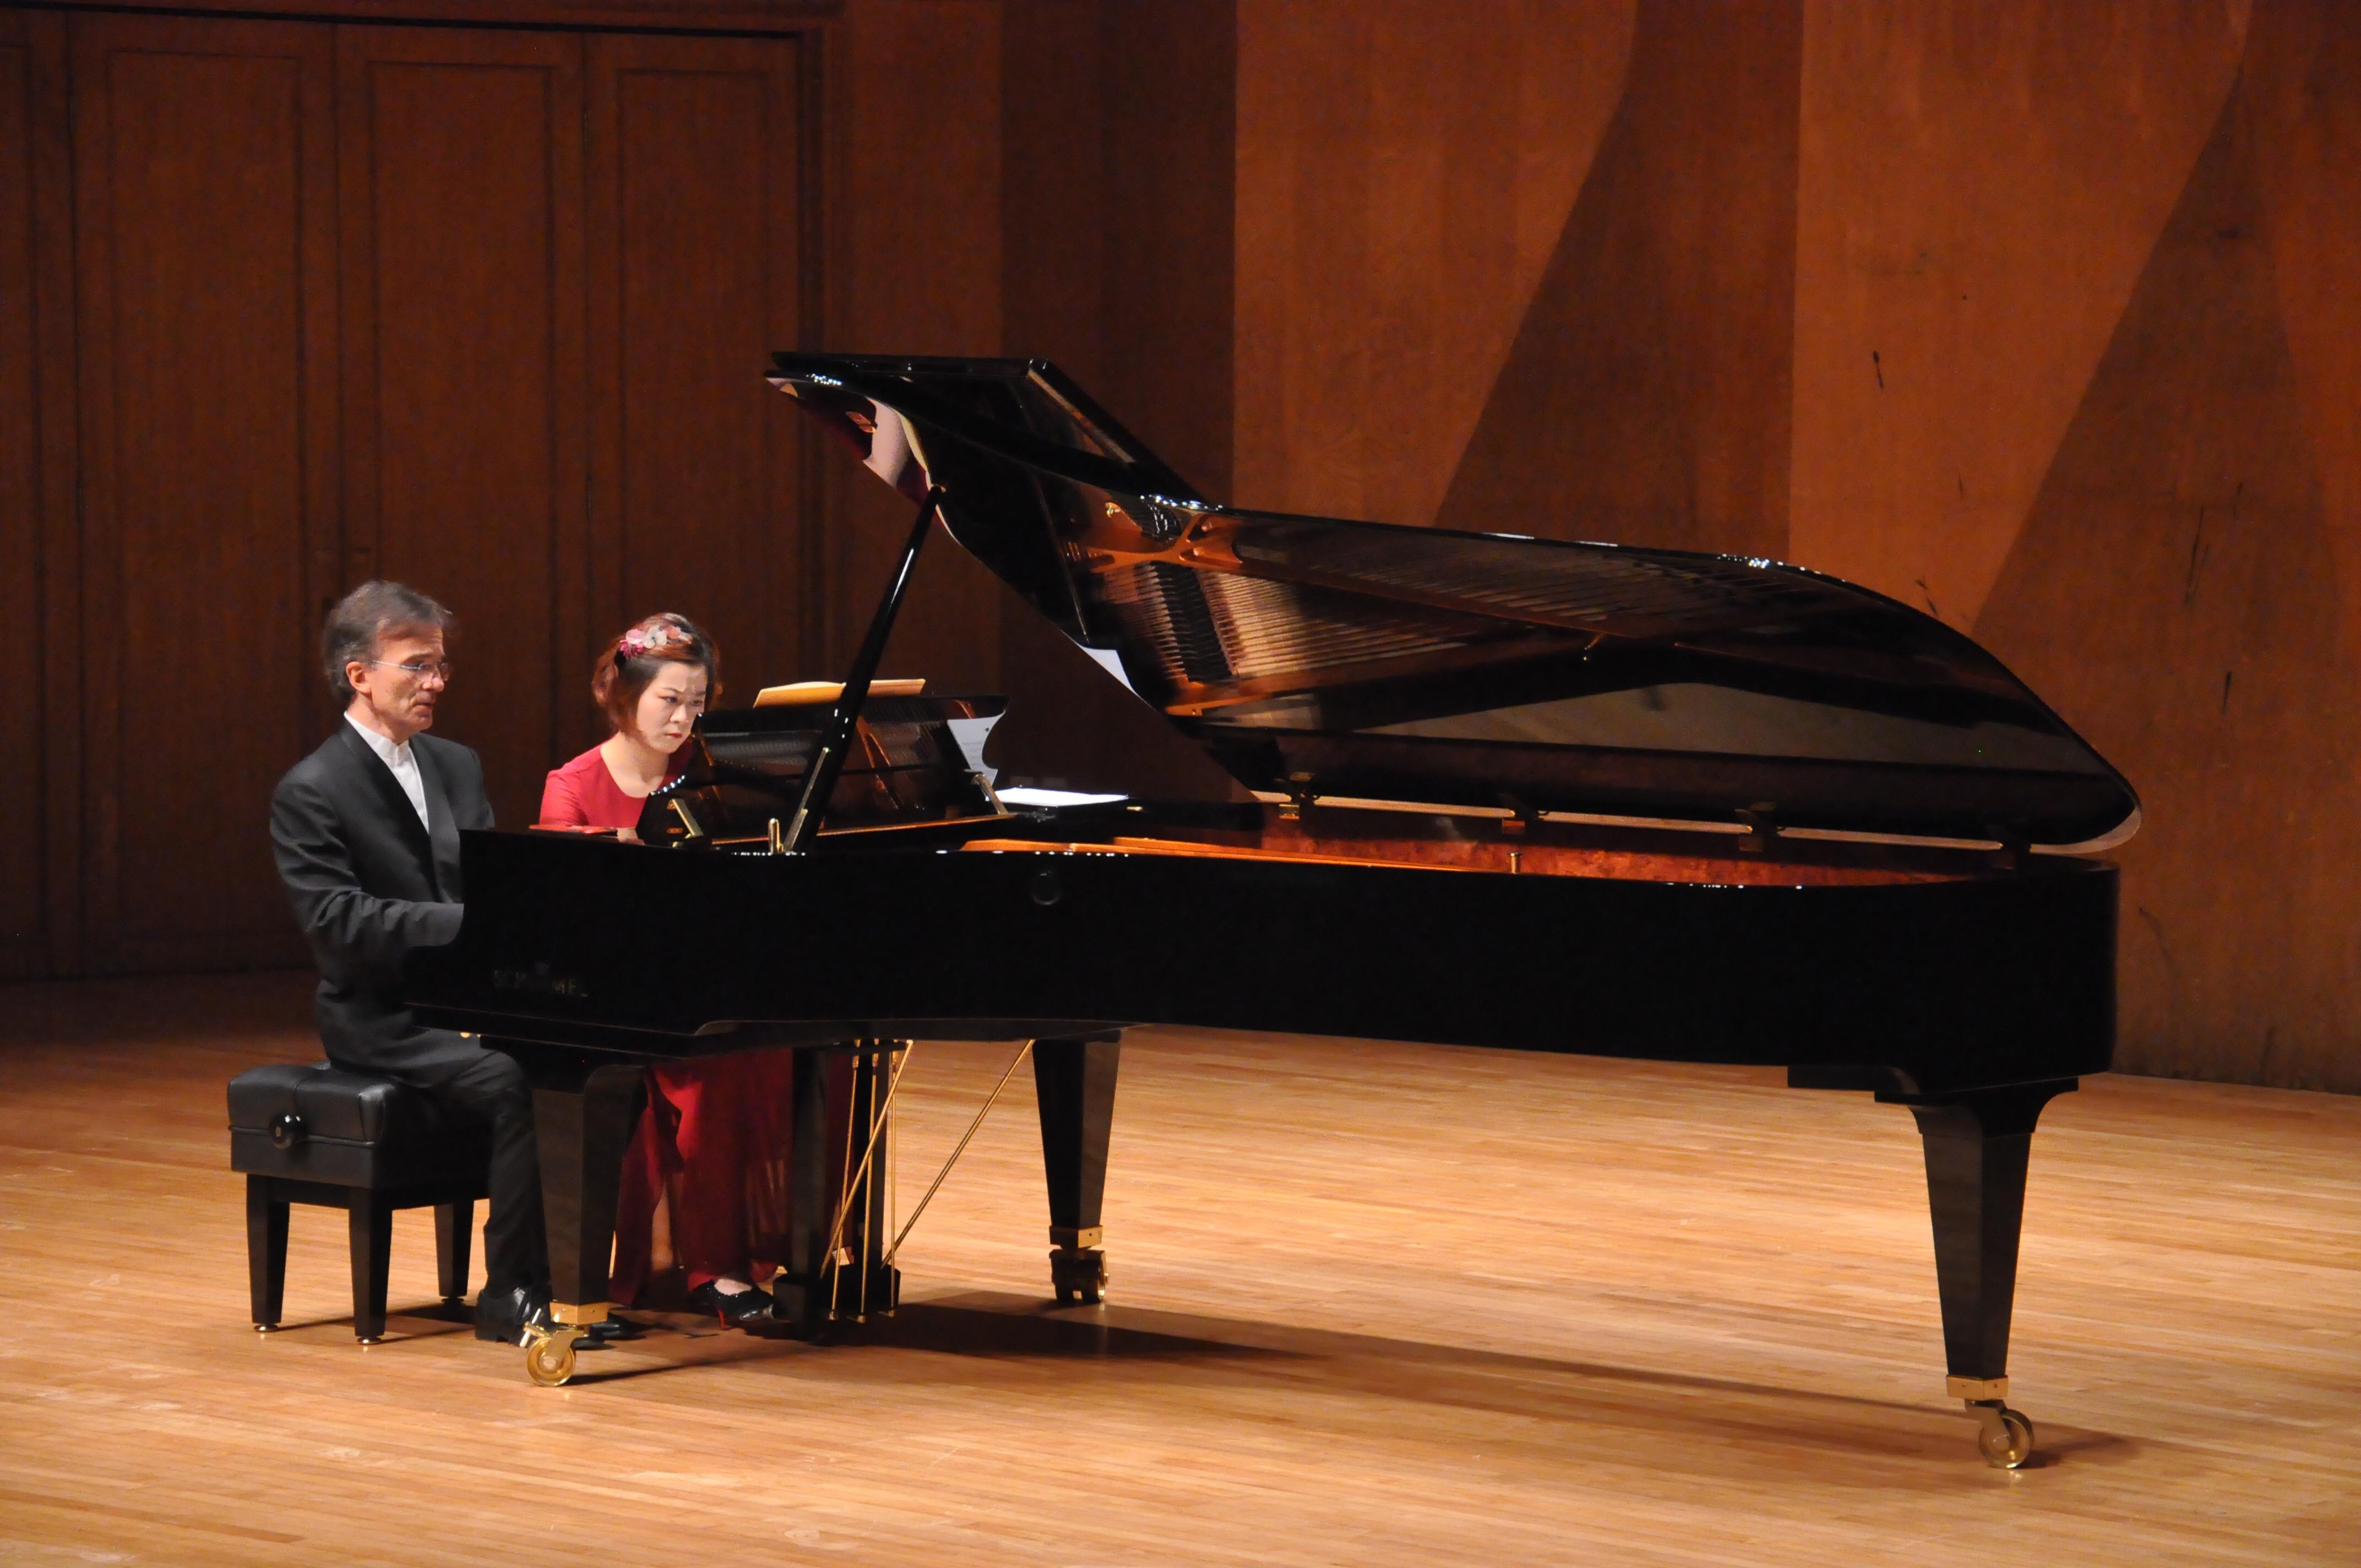 耳目一新 | 2018年德国SCHIMMEL钢琴中国巡回演出深圳站精彩回顾